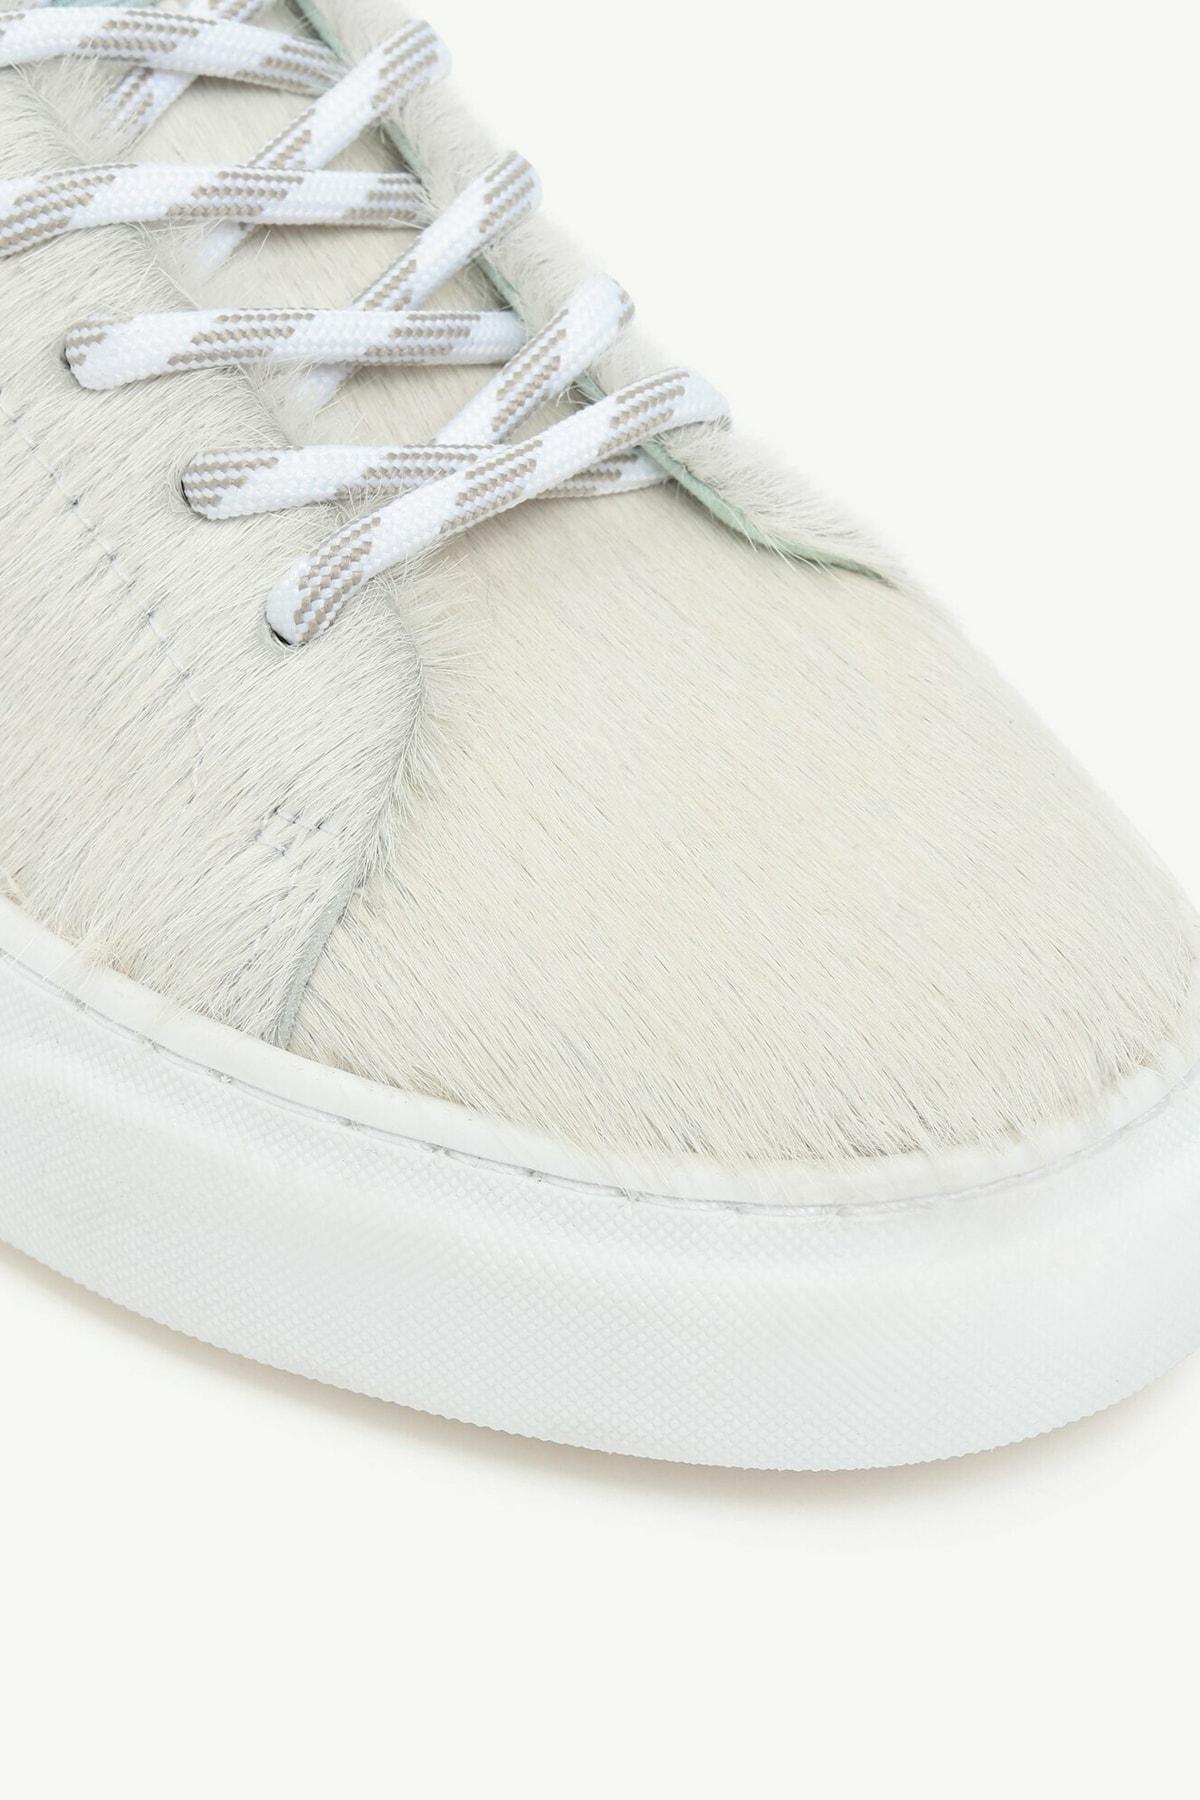 Yargıcı Kadın Ekru Kontrast Astarlı Tay Tüyü Deri Spor Ayakkabı 0KKAY4010X 2